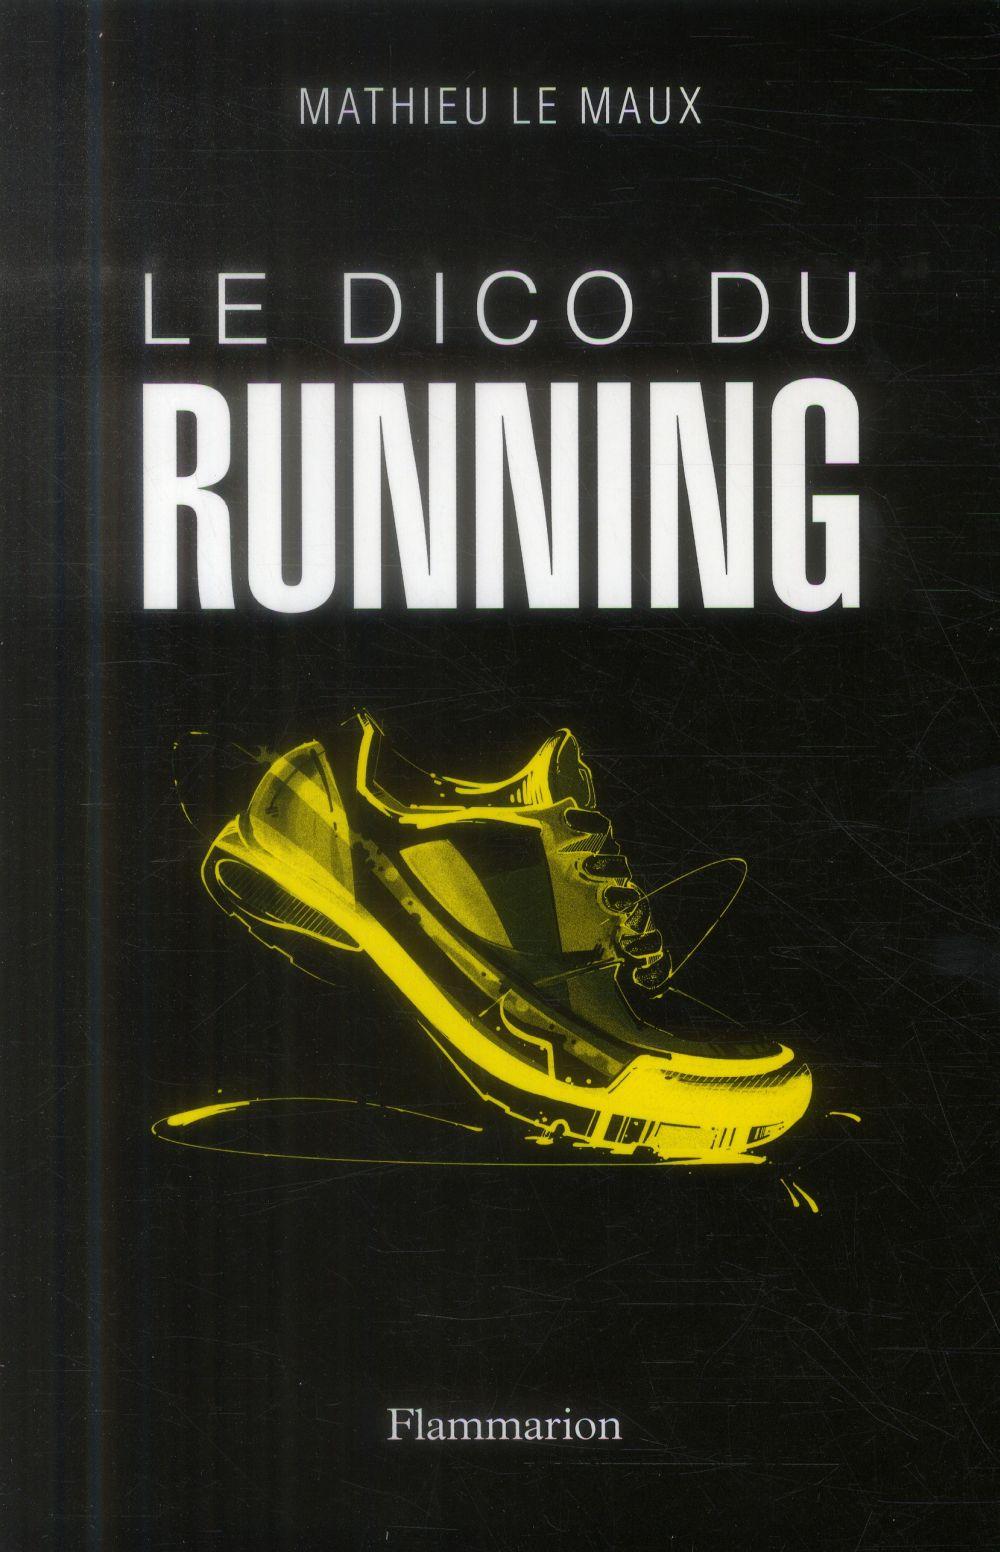 Le dico du running